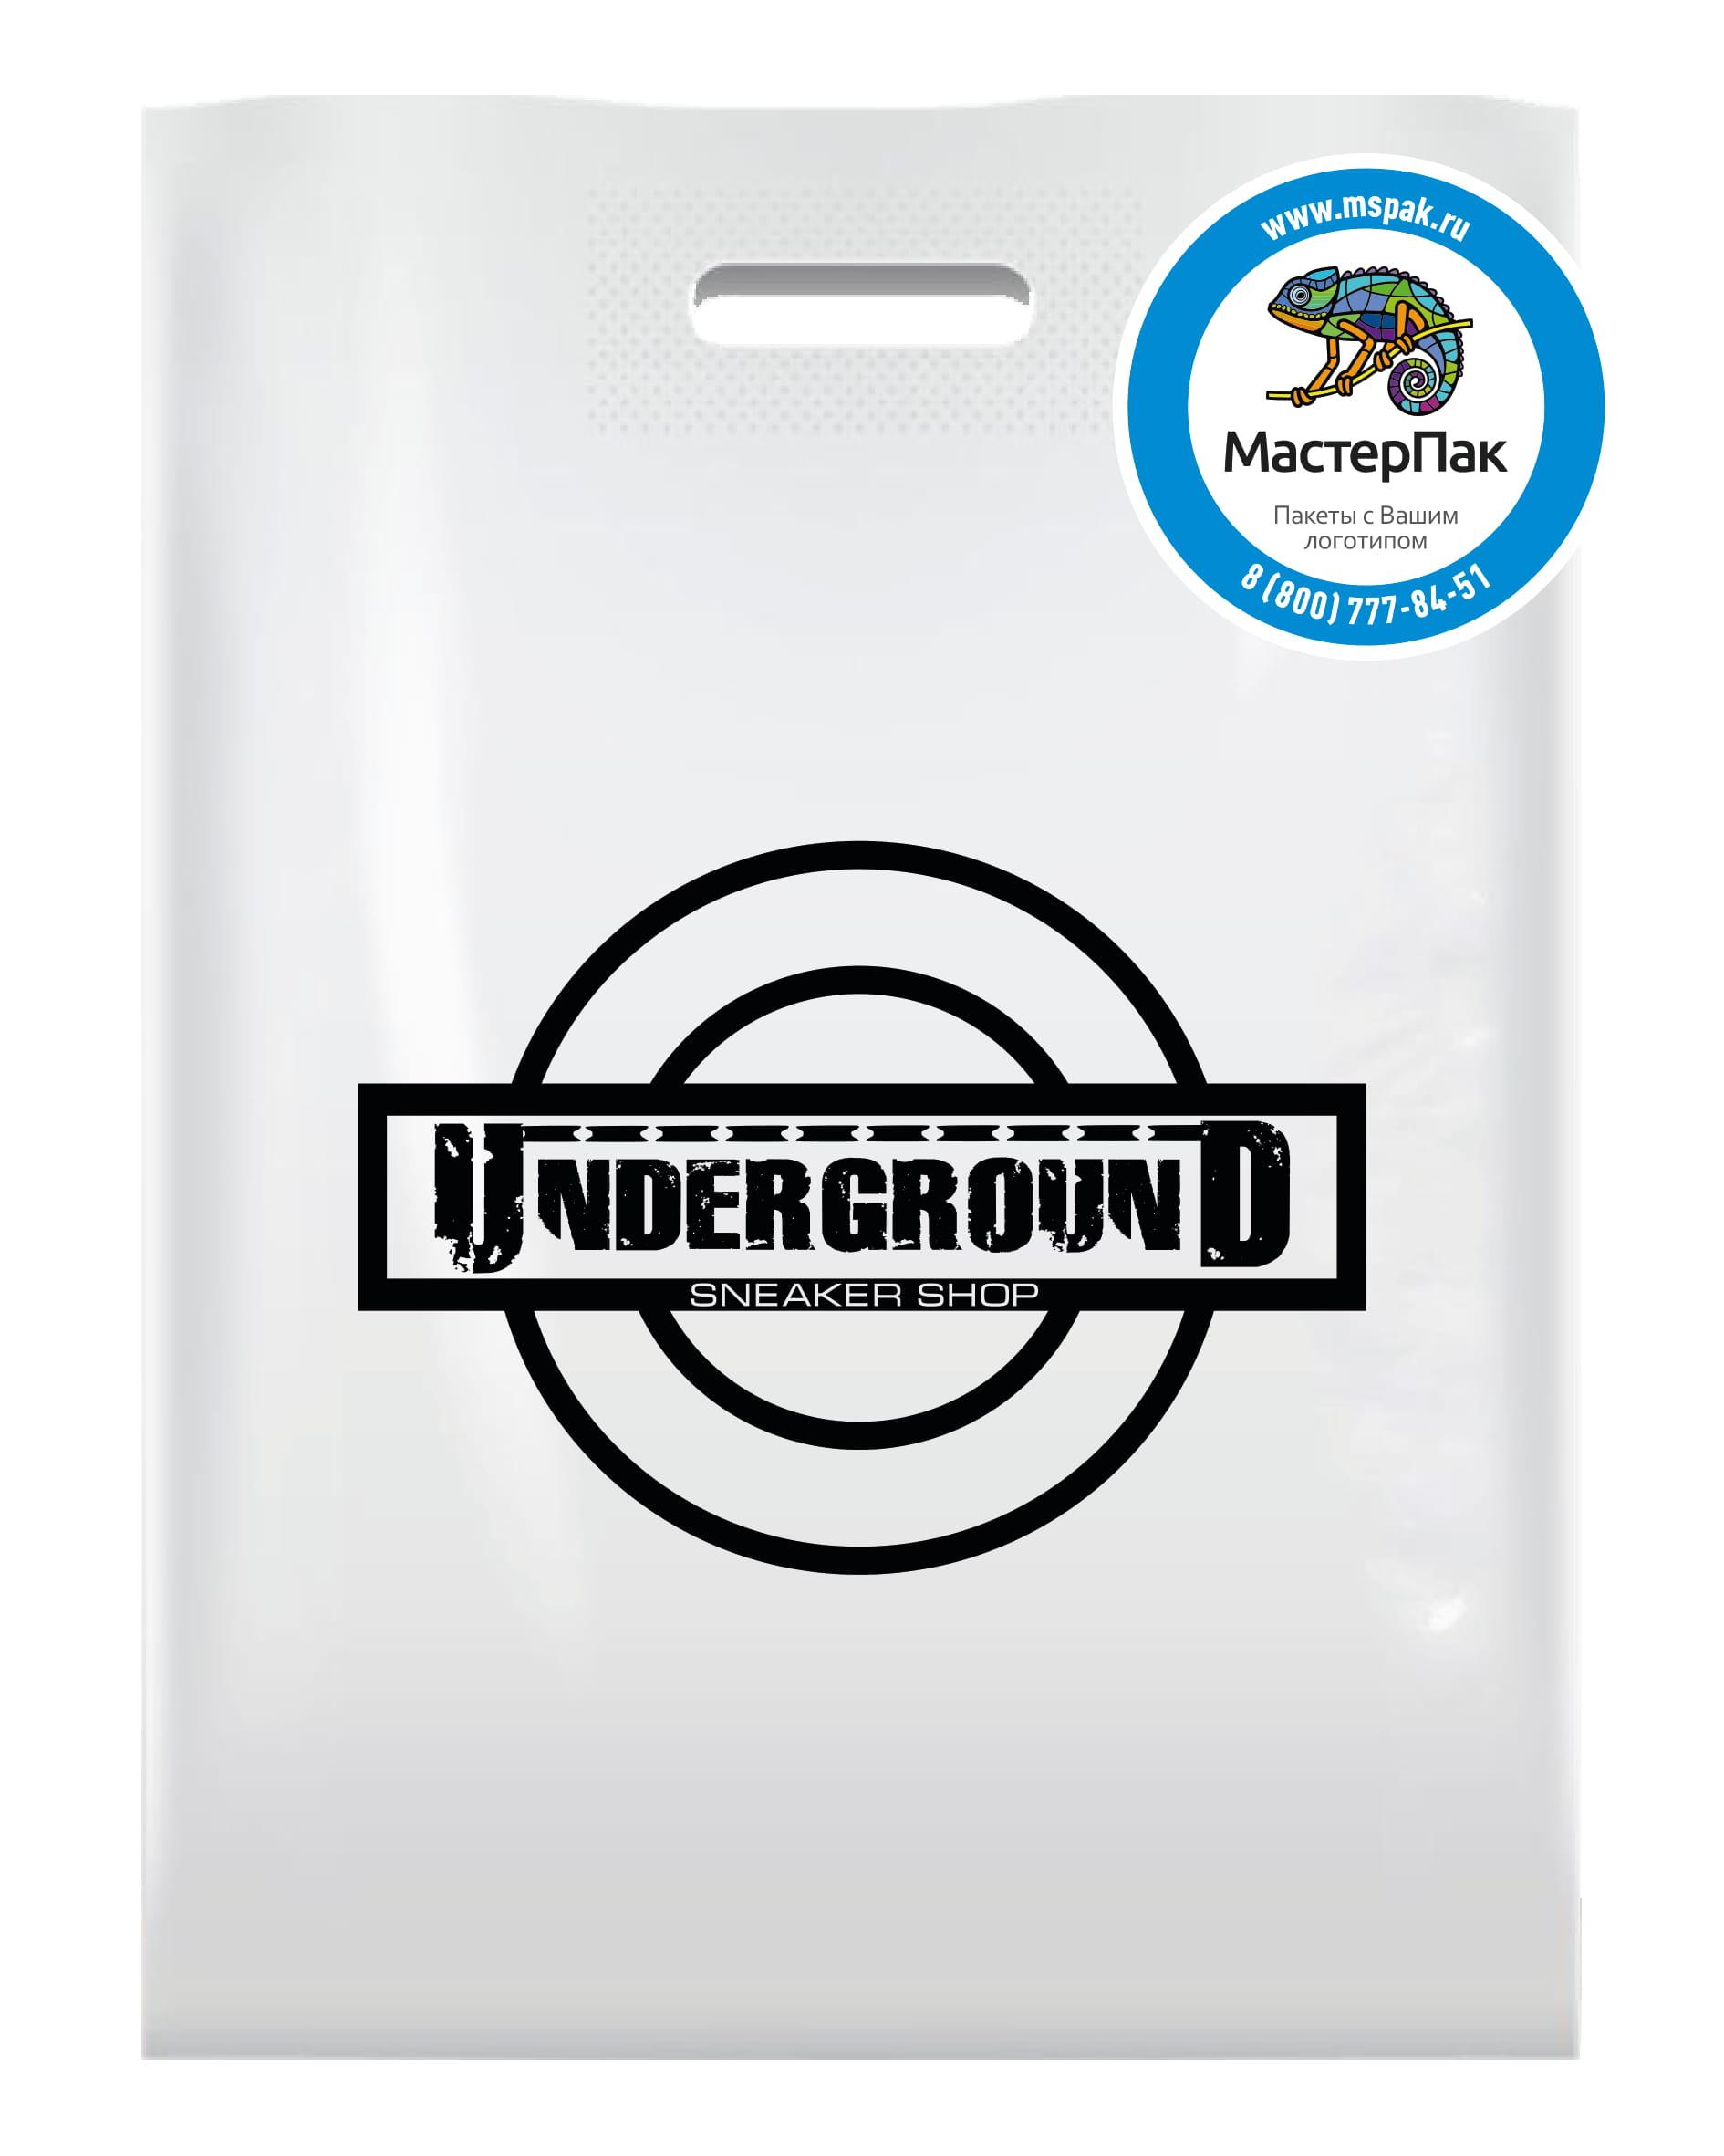 Пакет ПВД с логотипом магазина Underground, Мурманск